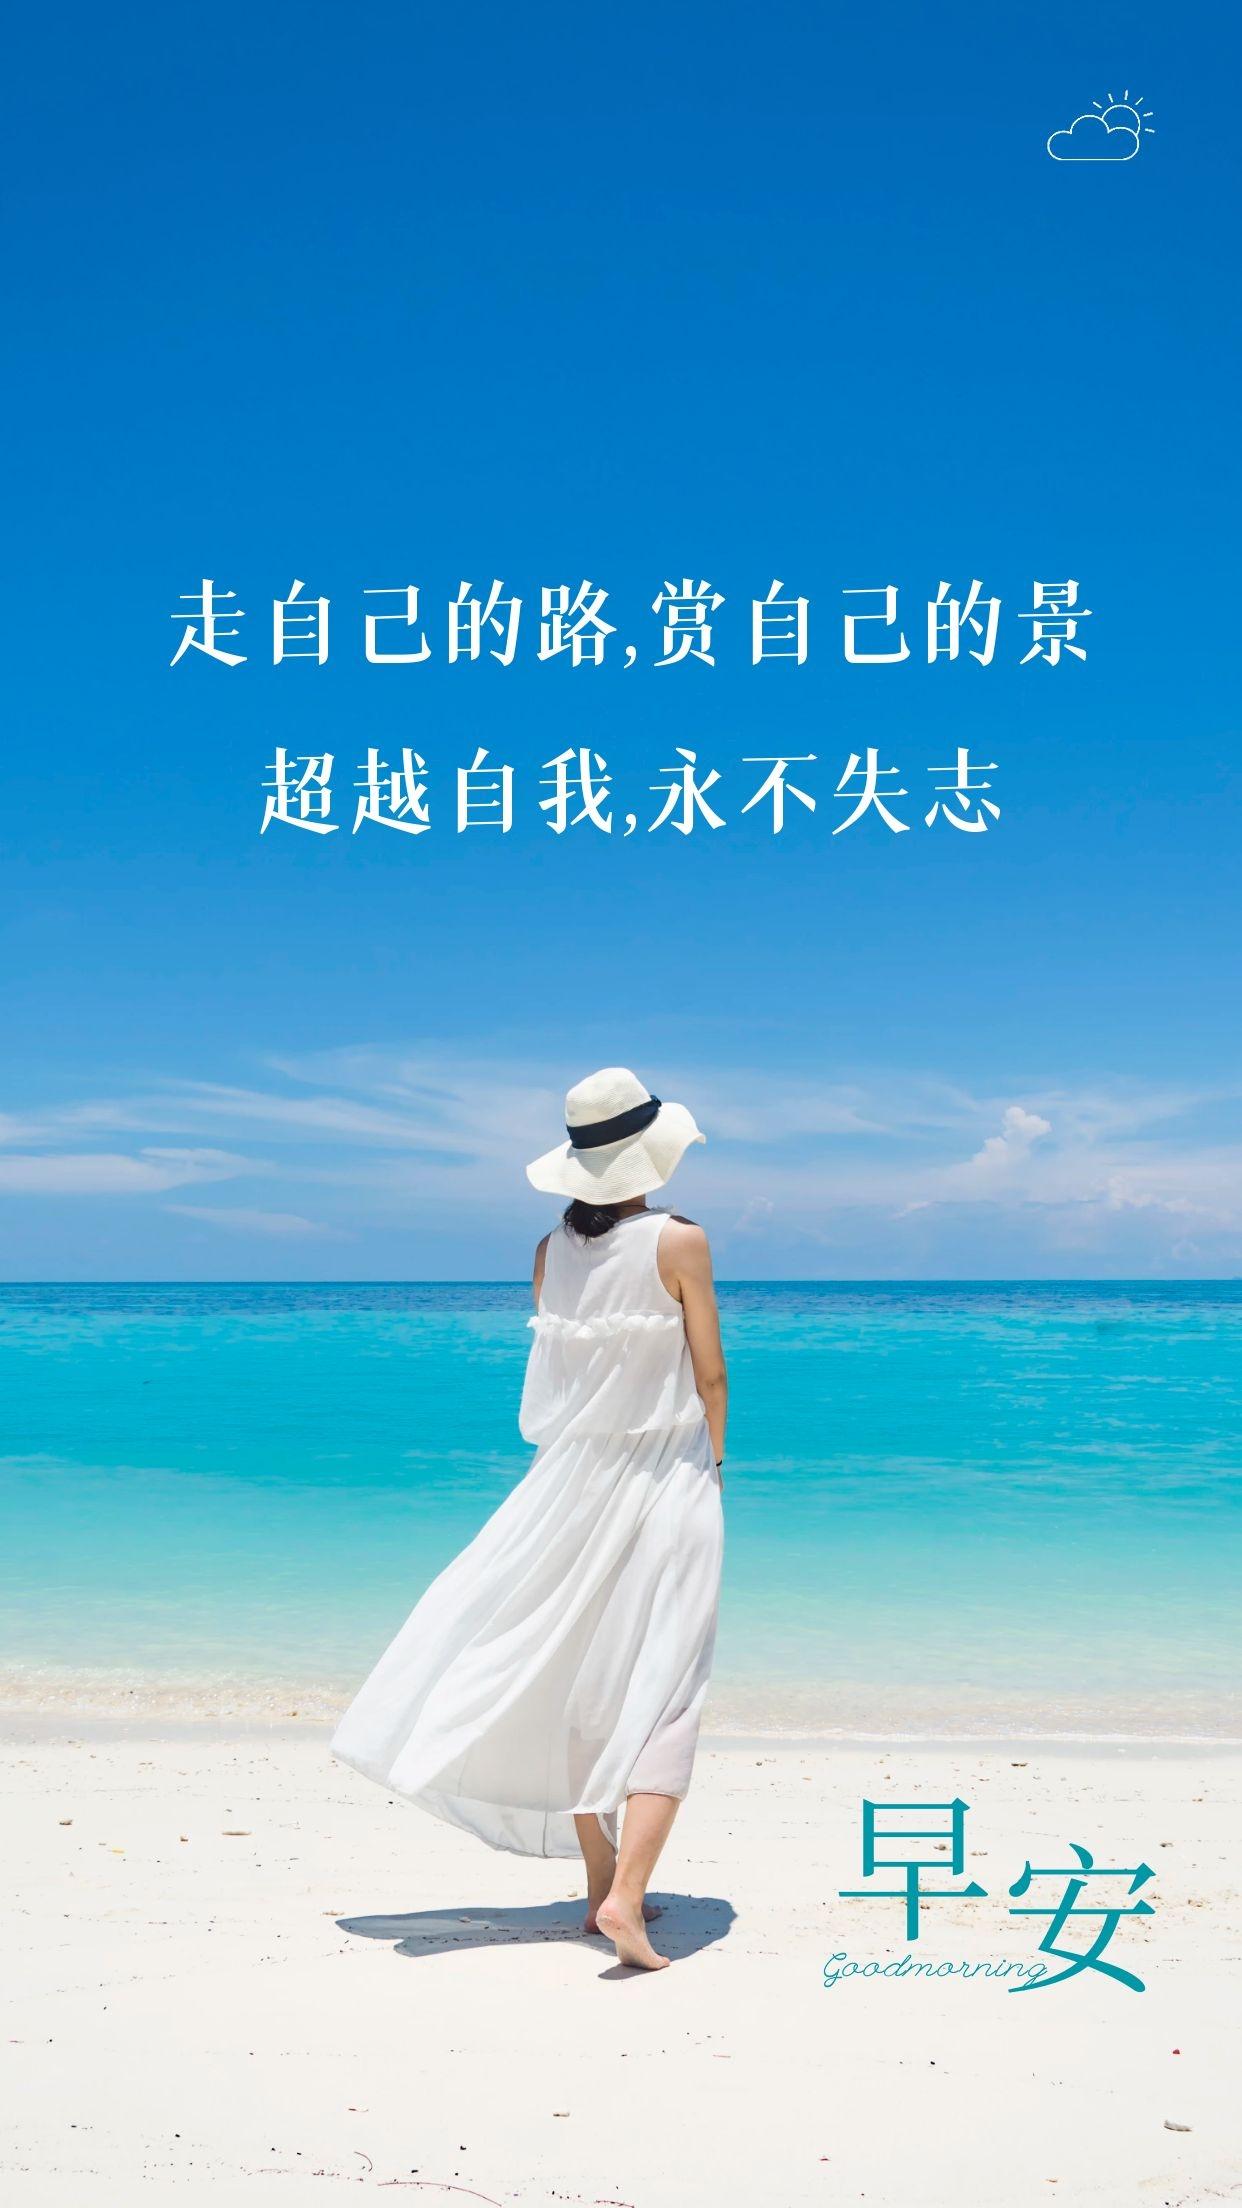 正能量带字早安图片句子,保持热爱,奔赴山海